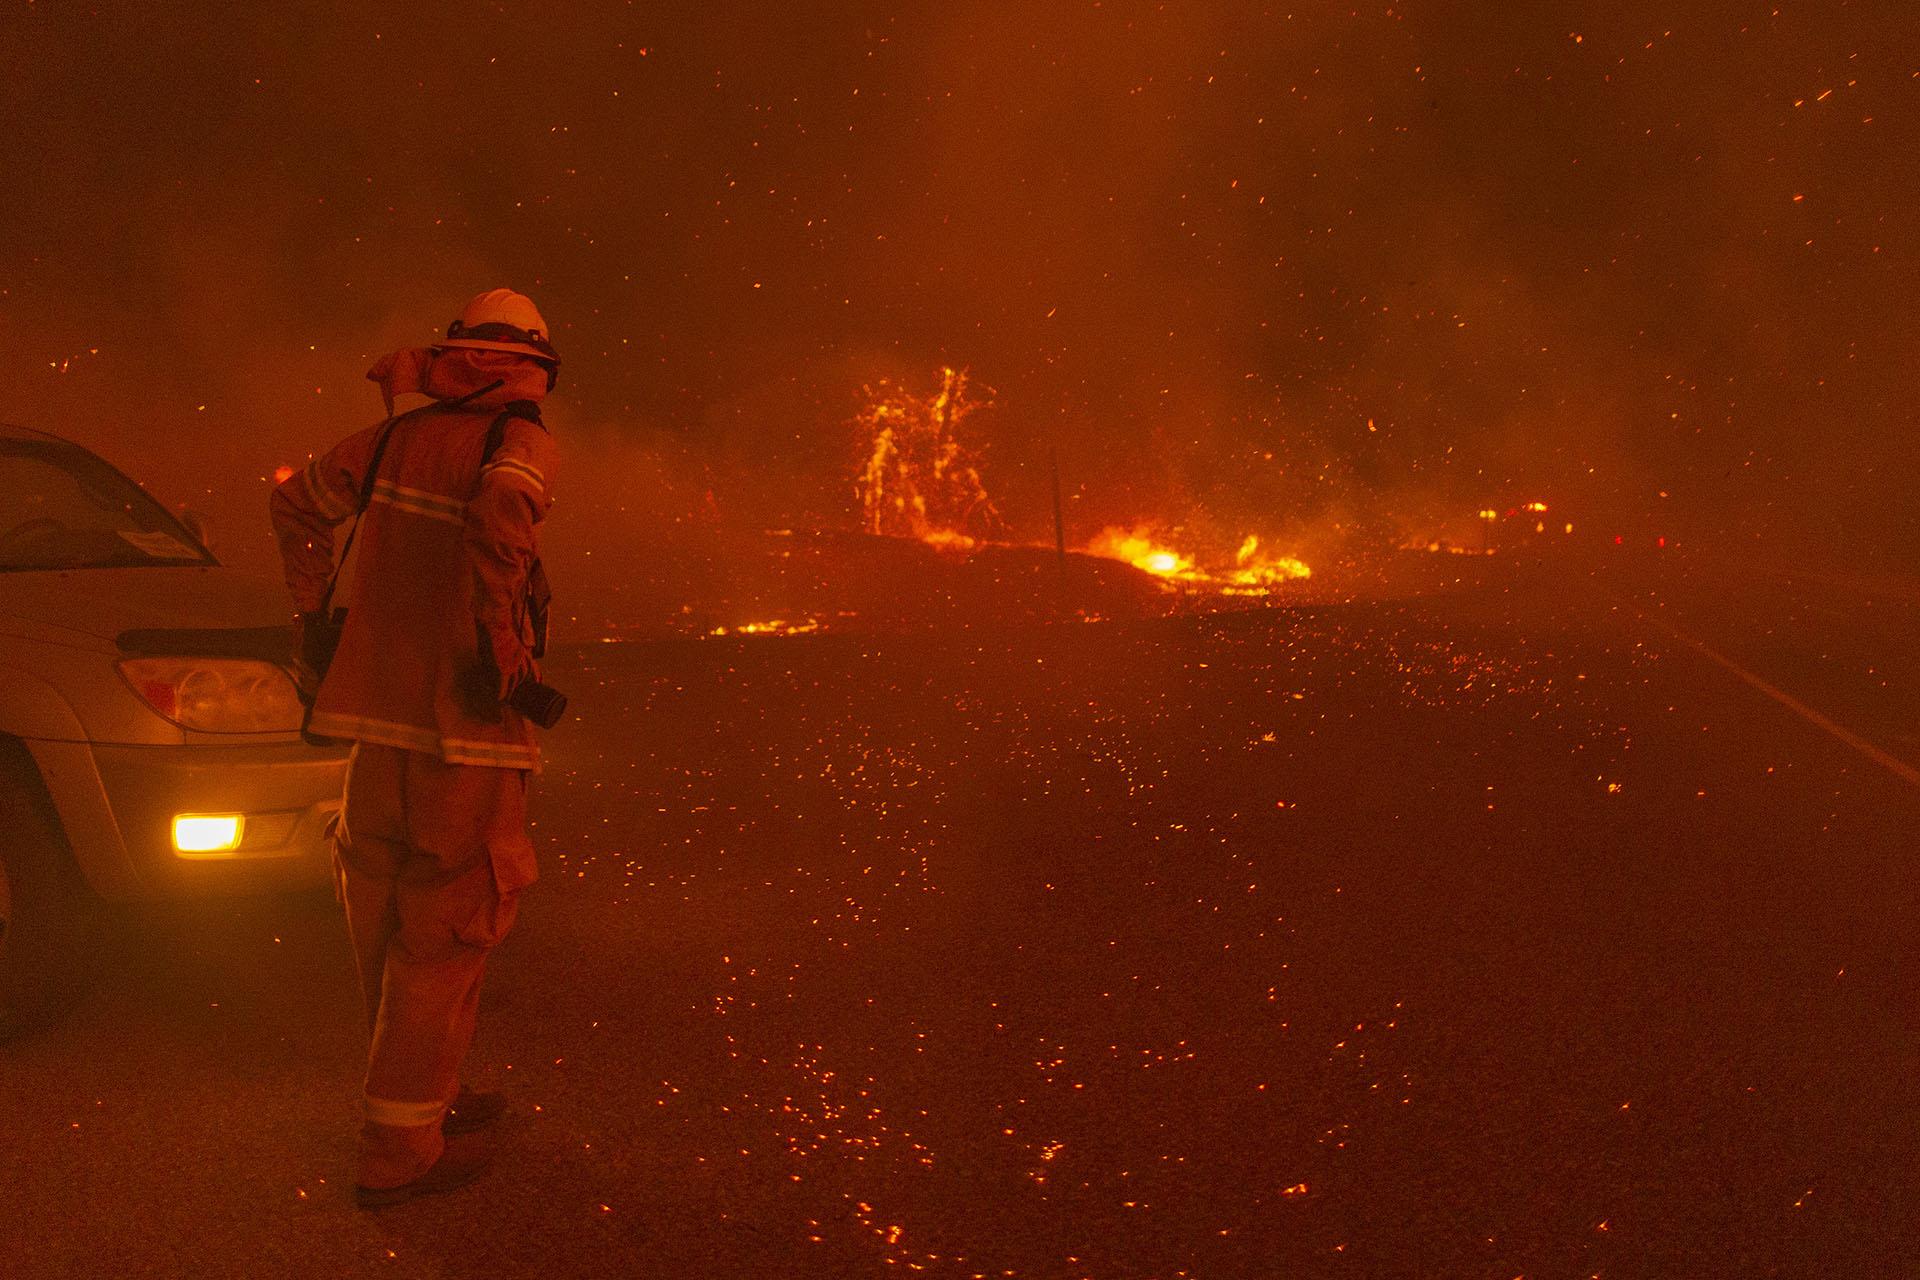 La última vez que la cantidad de acres quemados se acercó a los dos millones fue en 2018, el mismo año que el devastador Camp Fire, cuando un poco más de 1.9 millones de acres (769.000 hectáreas) se incendiaron. (David McNew/Getty Images/AFP)